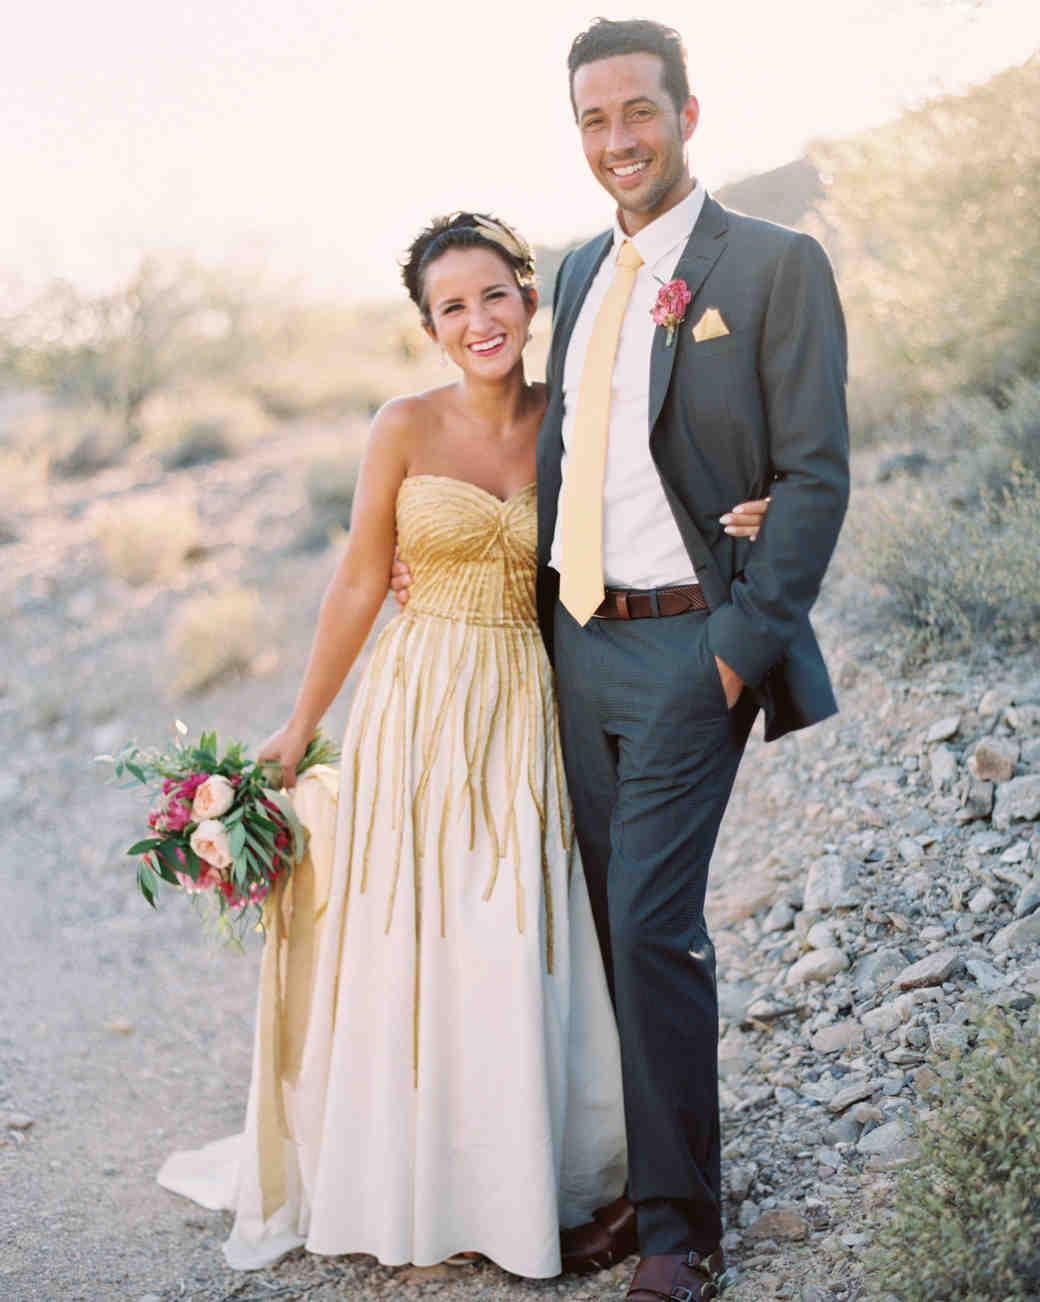 jessejo-daniel-wedding-couple-360-s112302-1015.jpg